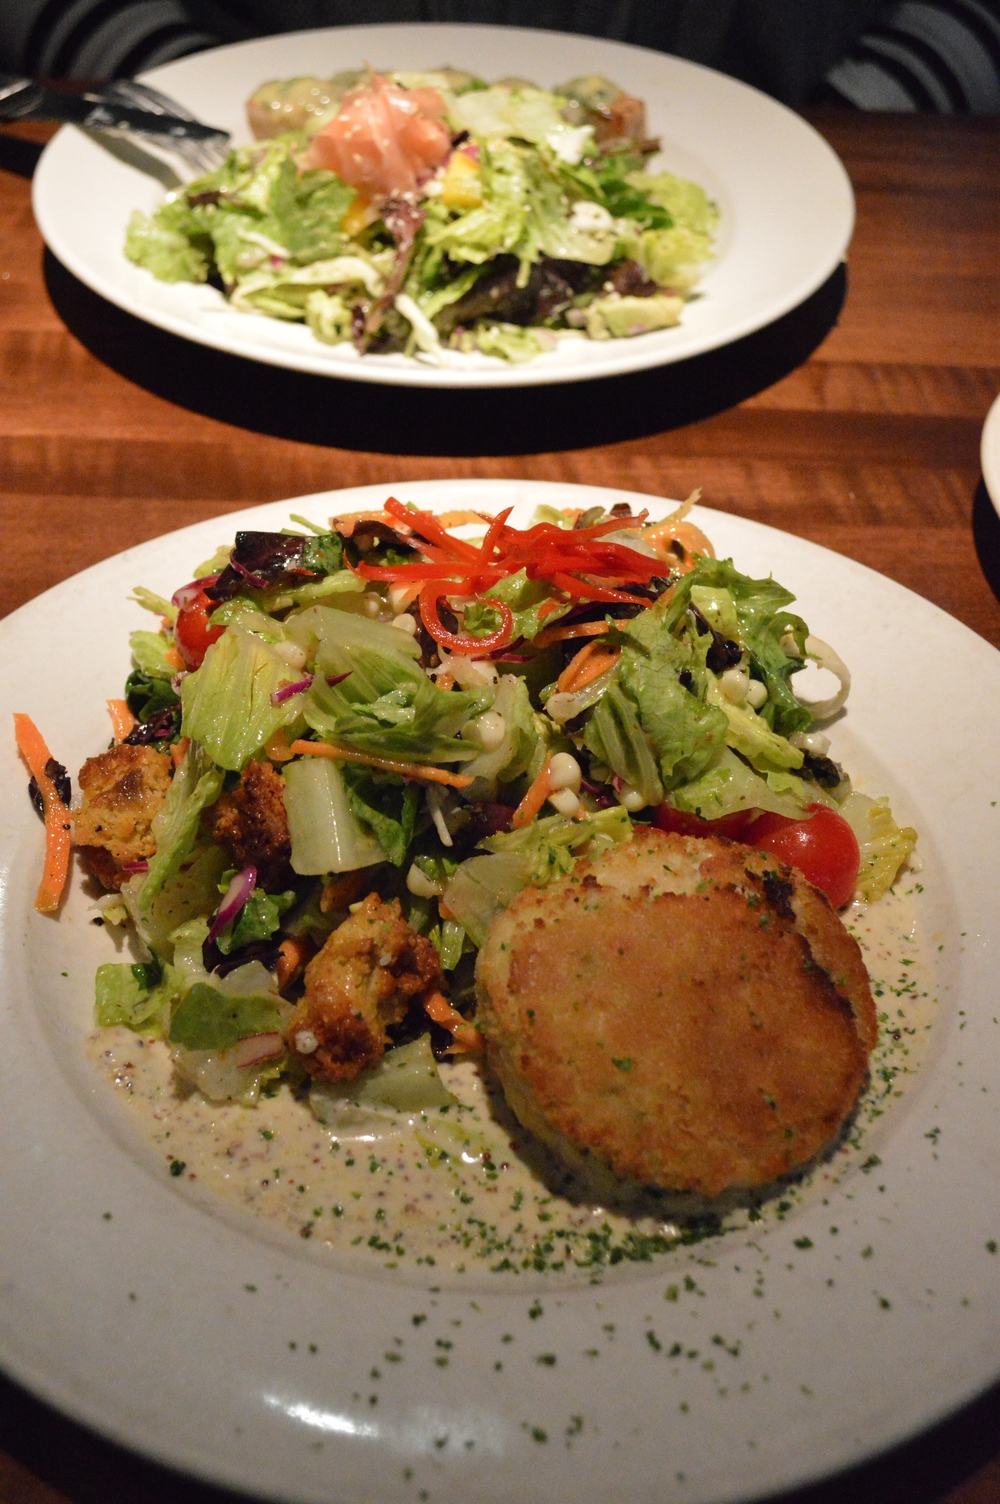 131-Main-Crabcake-Salad-LaurenSchwaiger-Blog.jpg